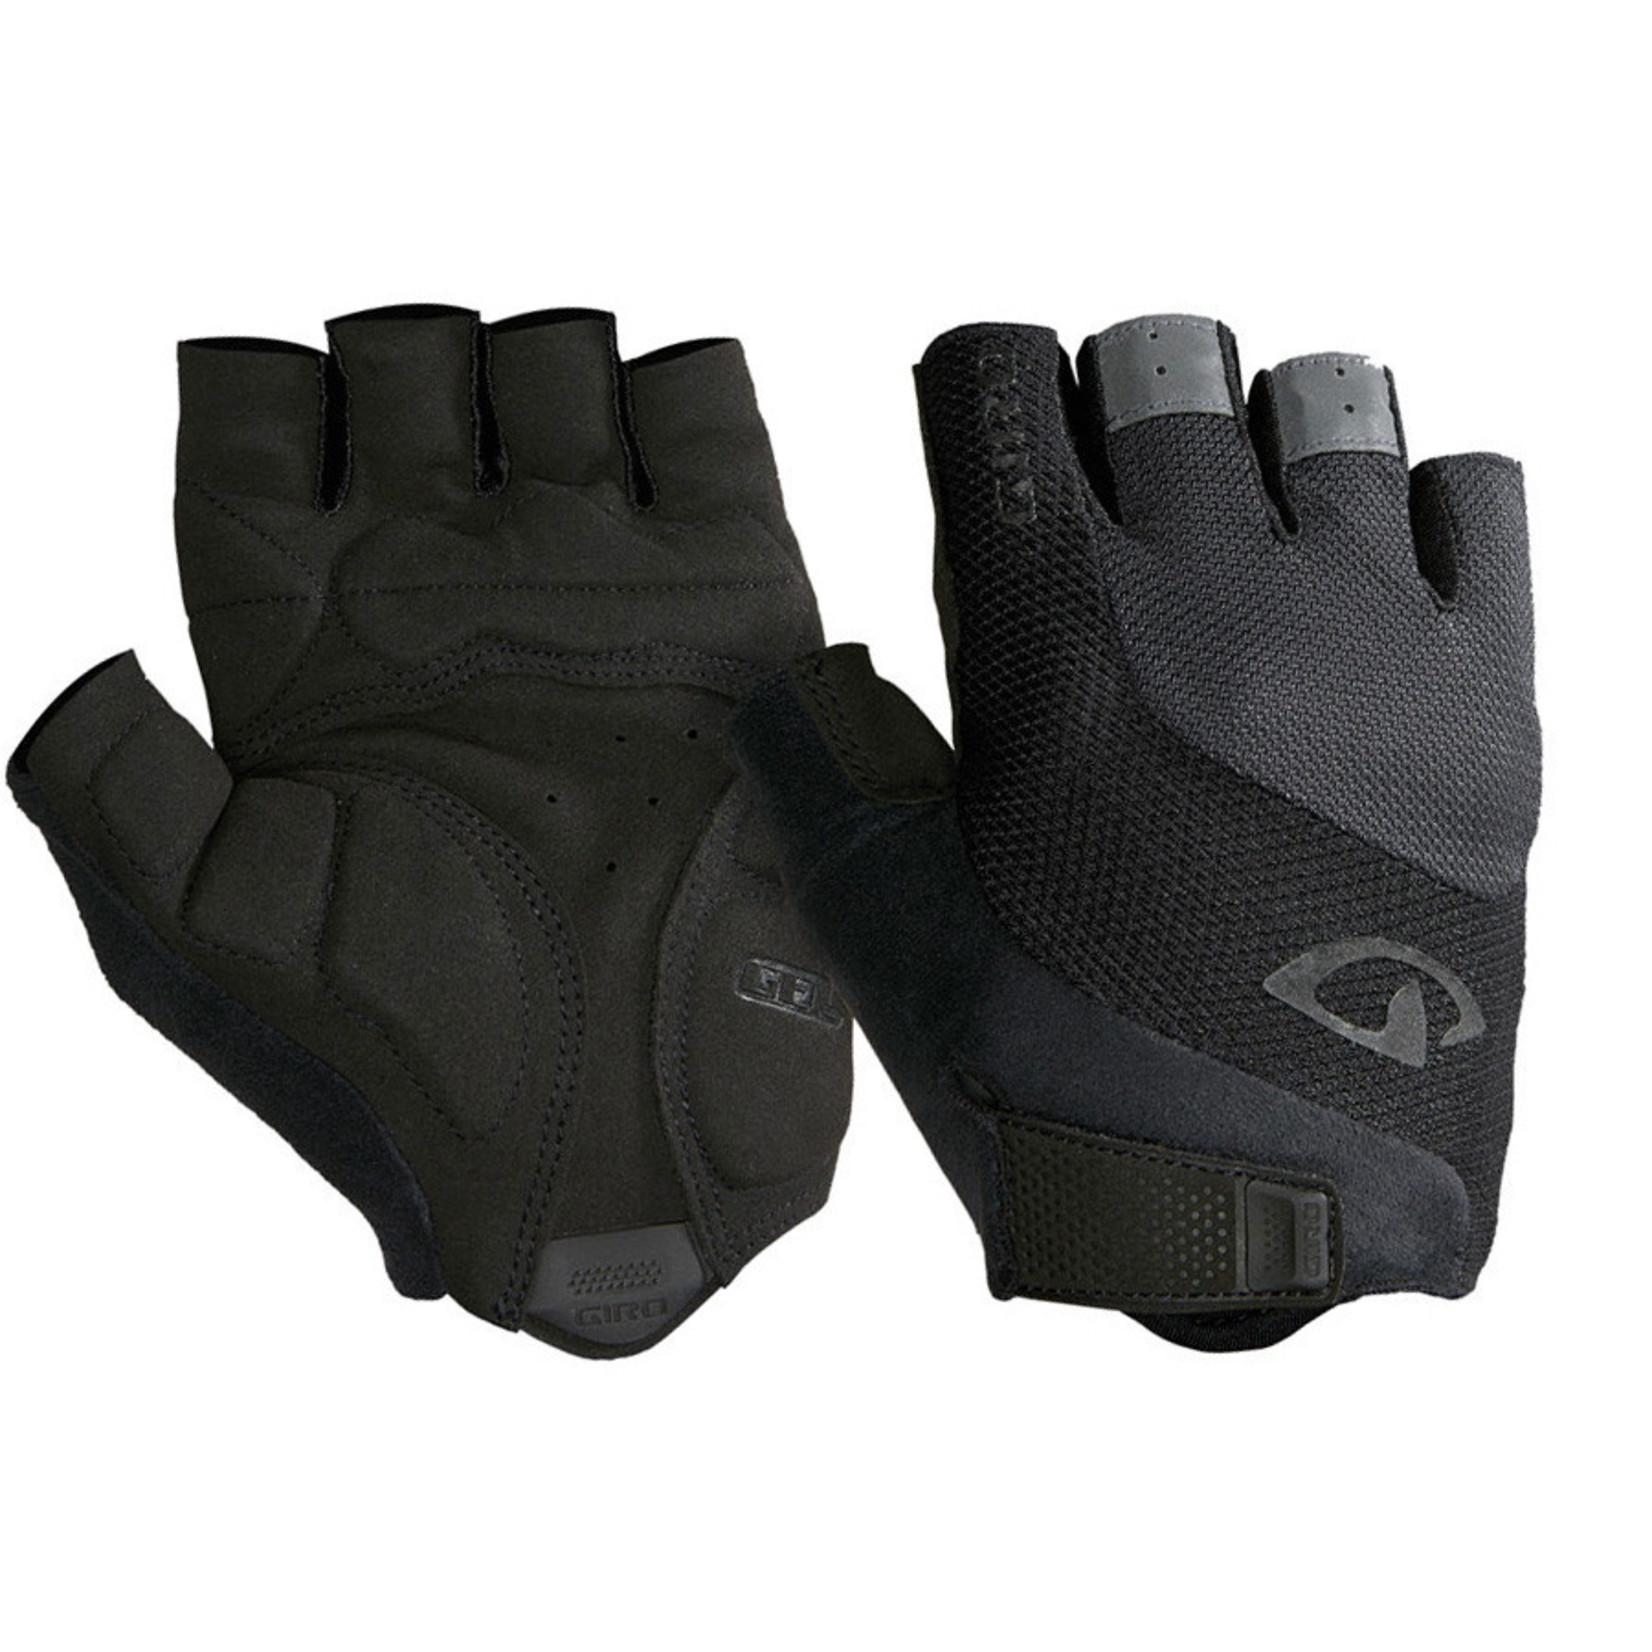 Giro Giro, Glove Bravo Gel Fingerless